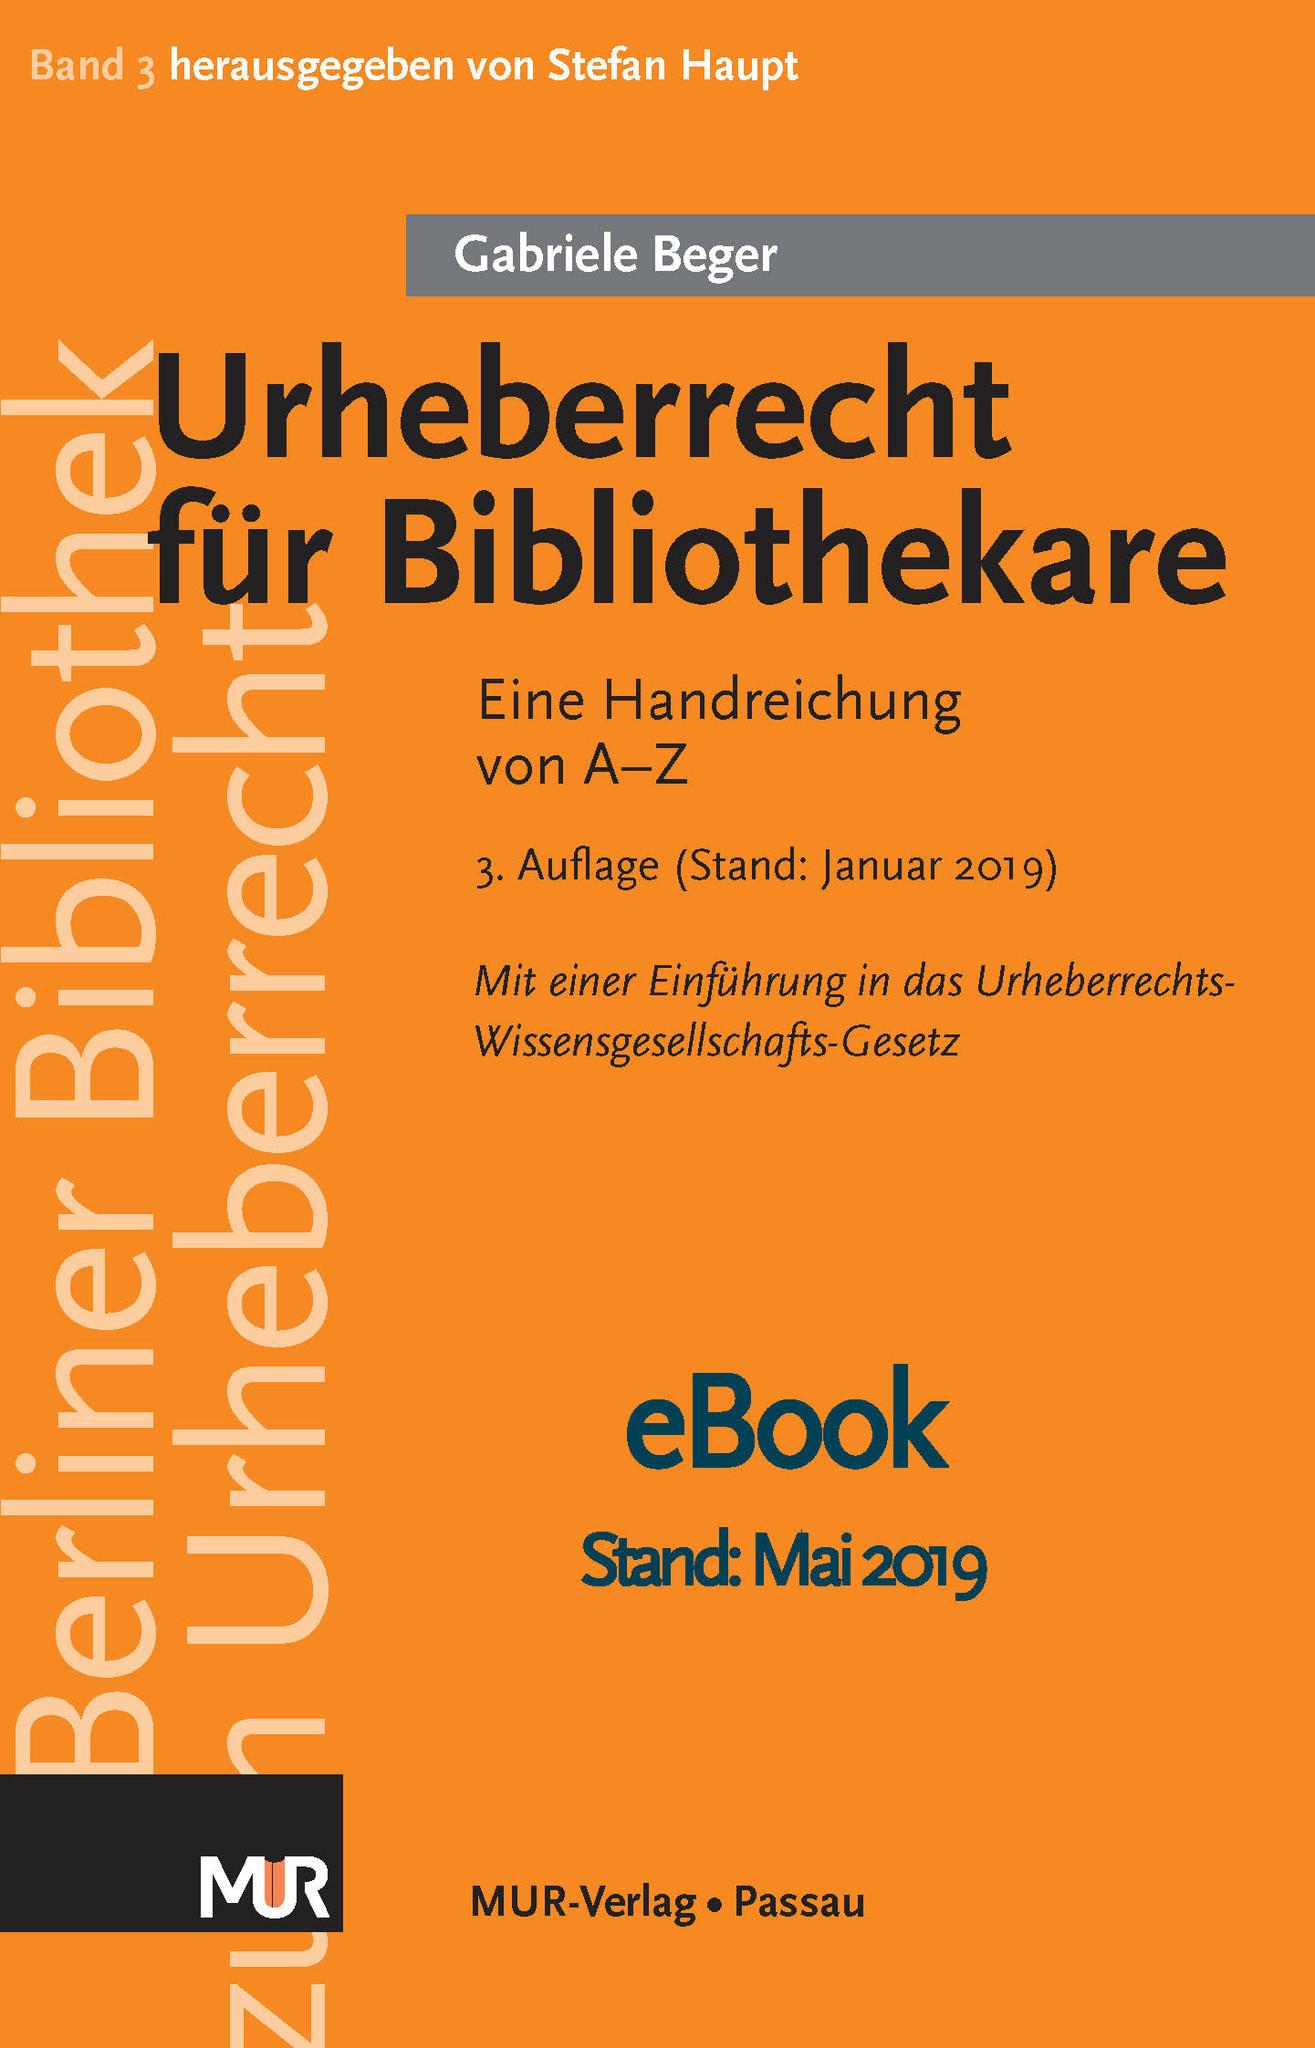 Urheberrecht für Bibliothekare - Eine Handreichung von A-Z, 3. Aufl. (2019). Von Gabriele Beger. Mit einer Einführung in das Urheberrechts-Wissensgesellschafts-Gesetz - eBOOK